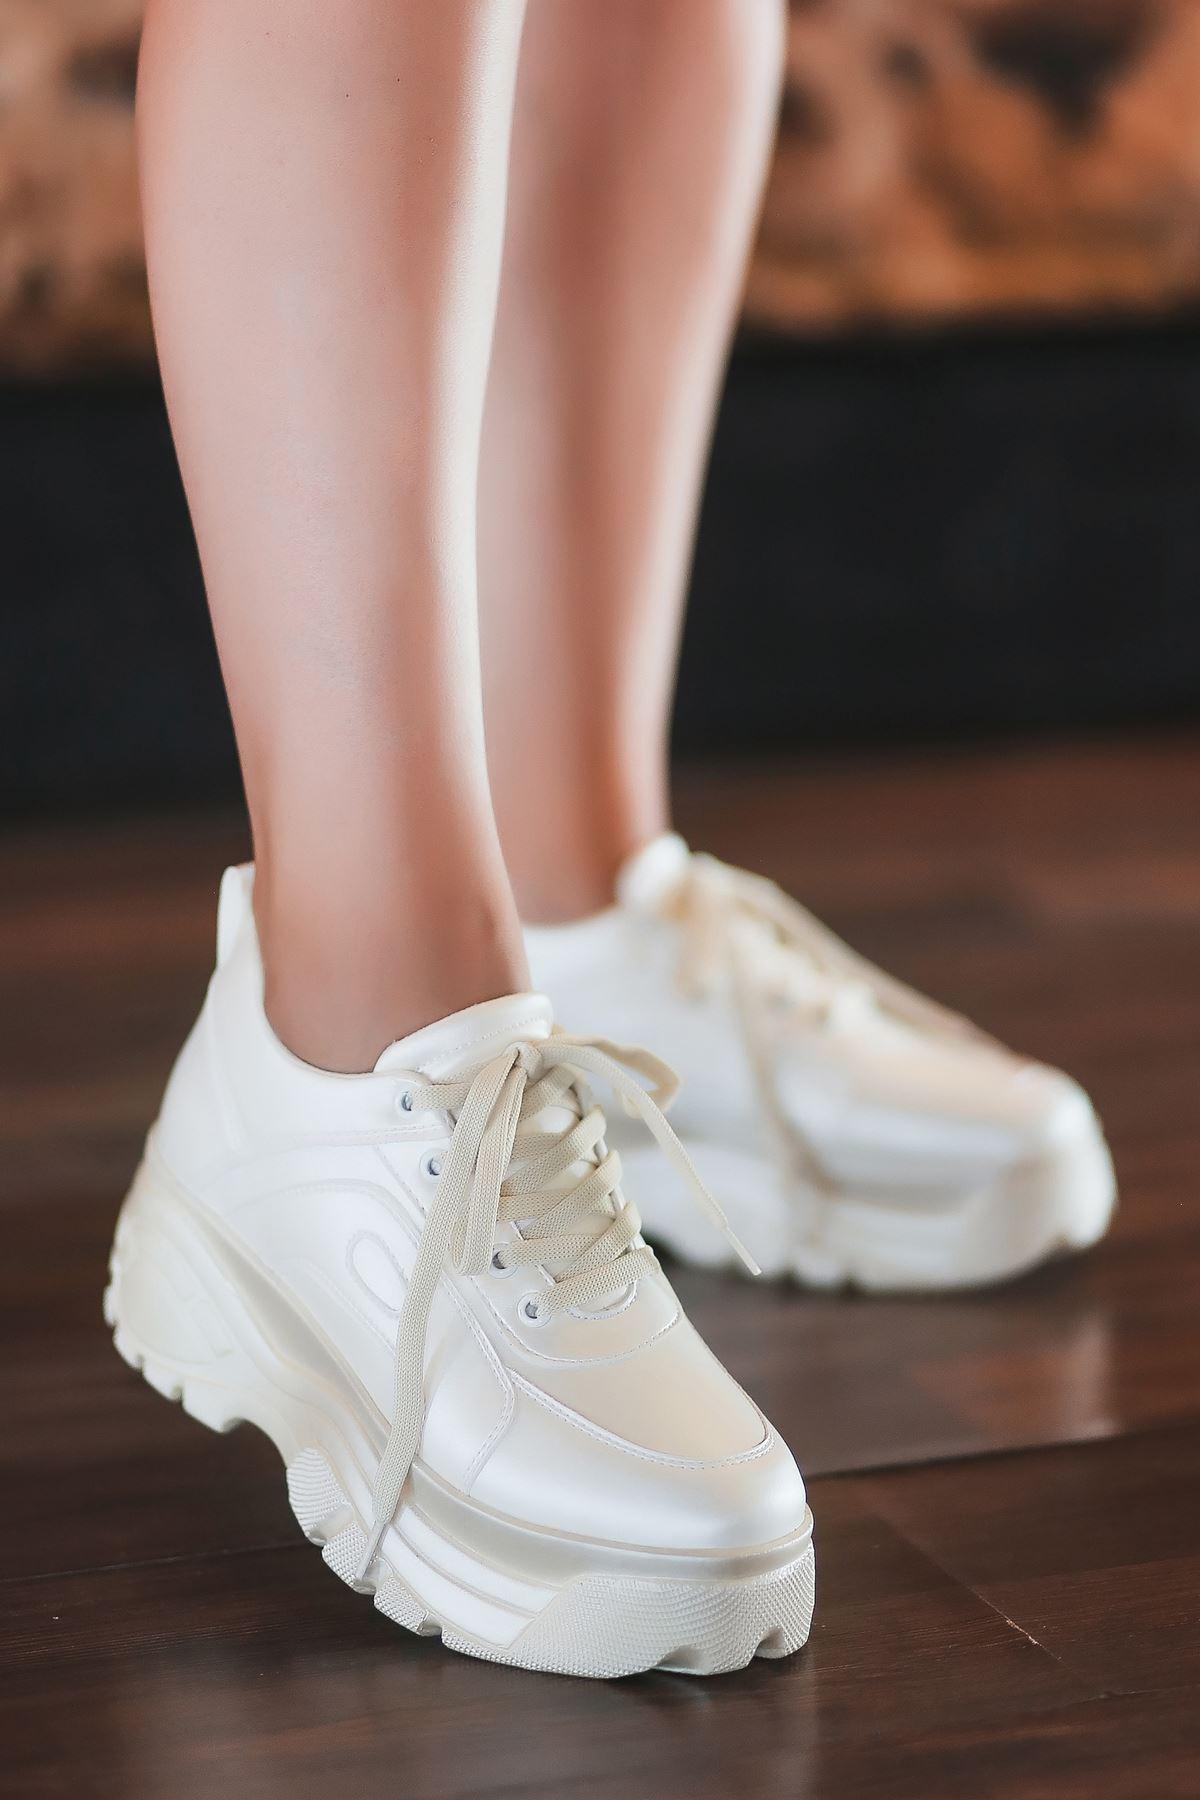 Agnes Mat Deri Kalın Taban Spor Ayakkabı Sedef Beyaz